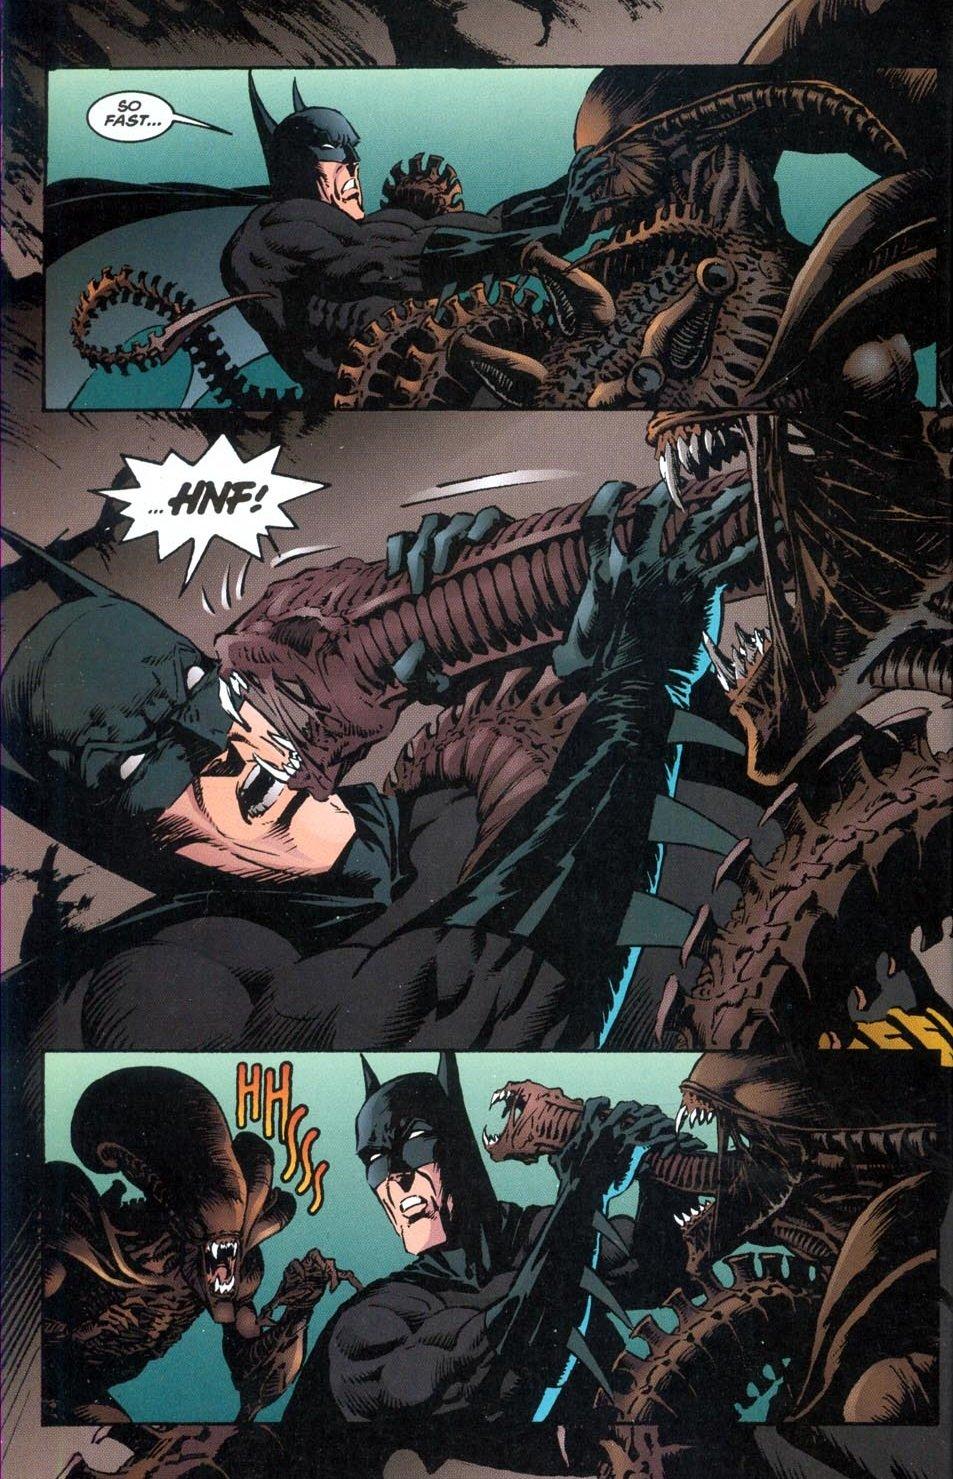 Бэтмен против Чужого?! Безумные комикс-кроссоверы сксеноморфами | Канобу - Изображение 18